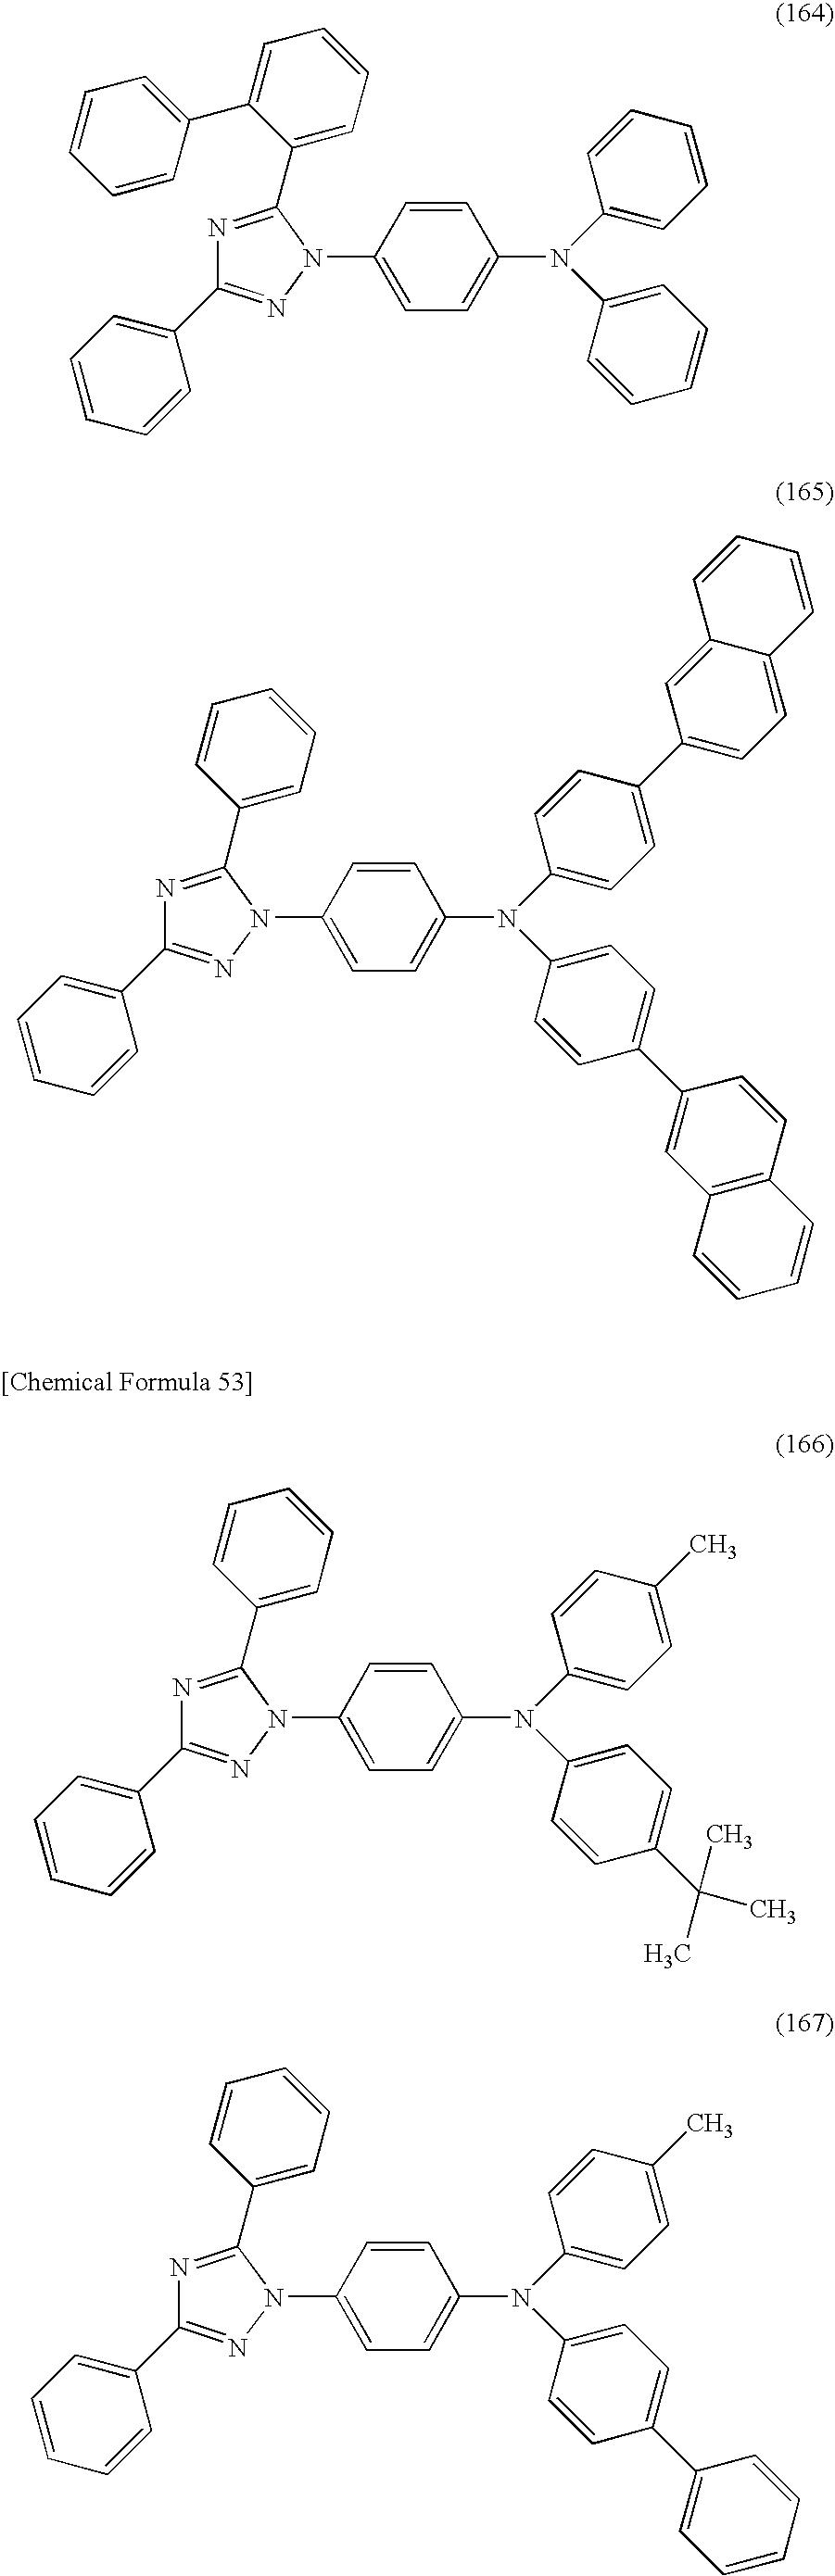 Figure US08551625-20131008-C00062